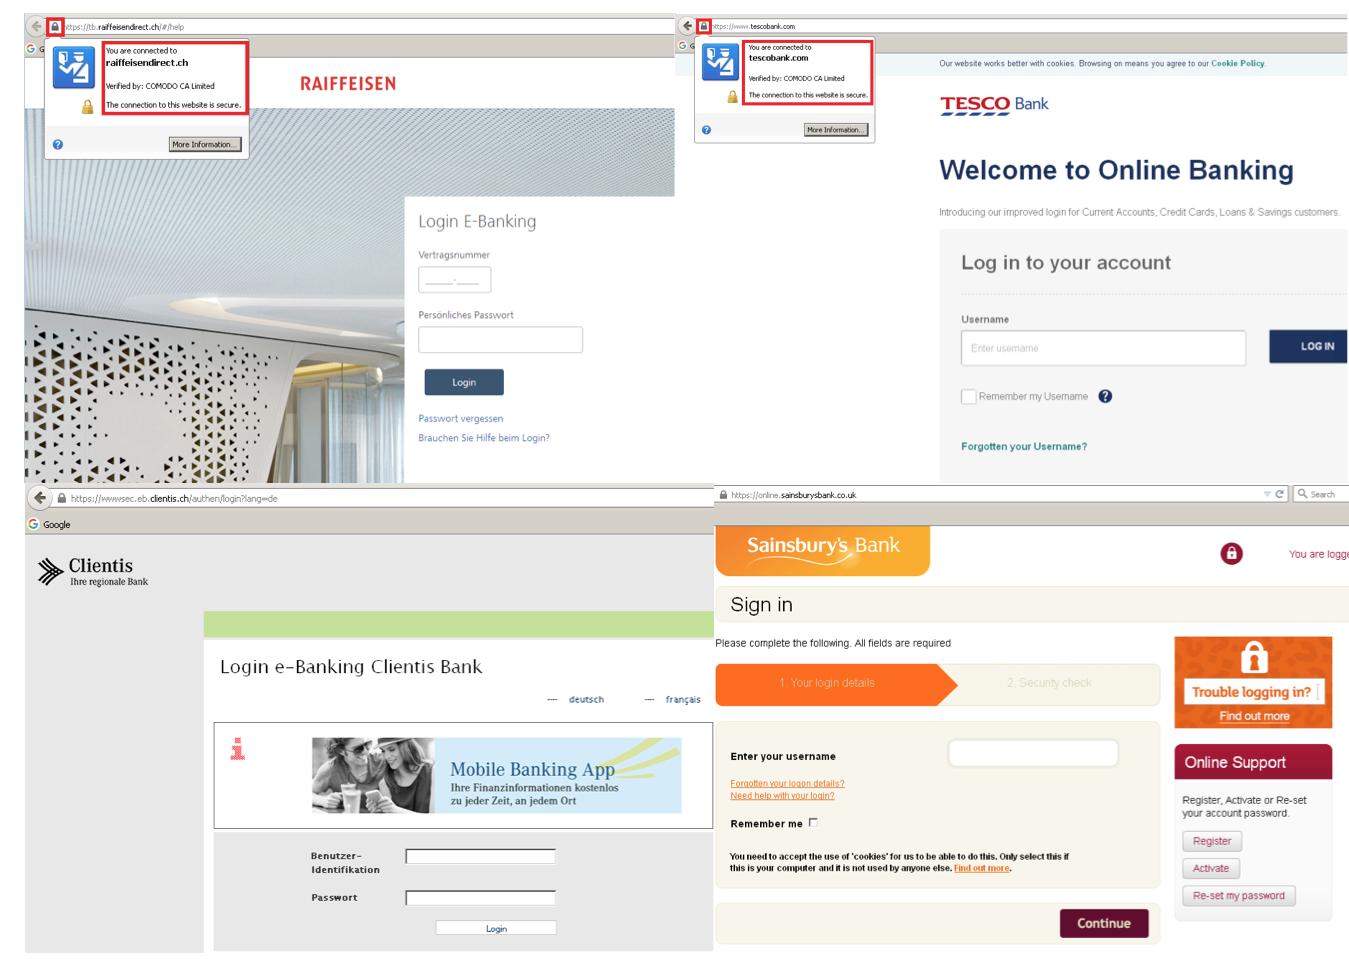 Вредоносная программа Retefe используется для компрометации пользователей онлайн-банкинга - 2